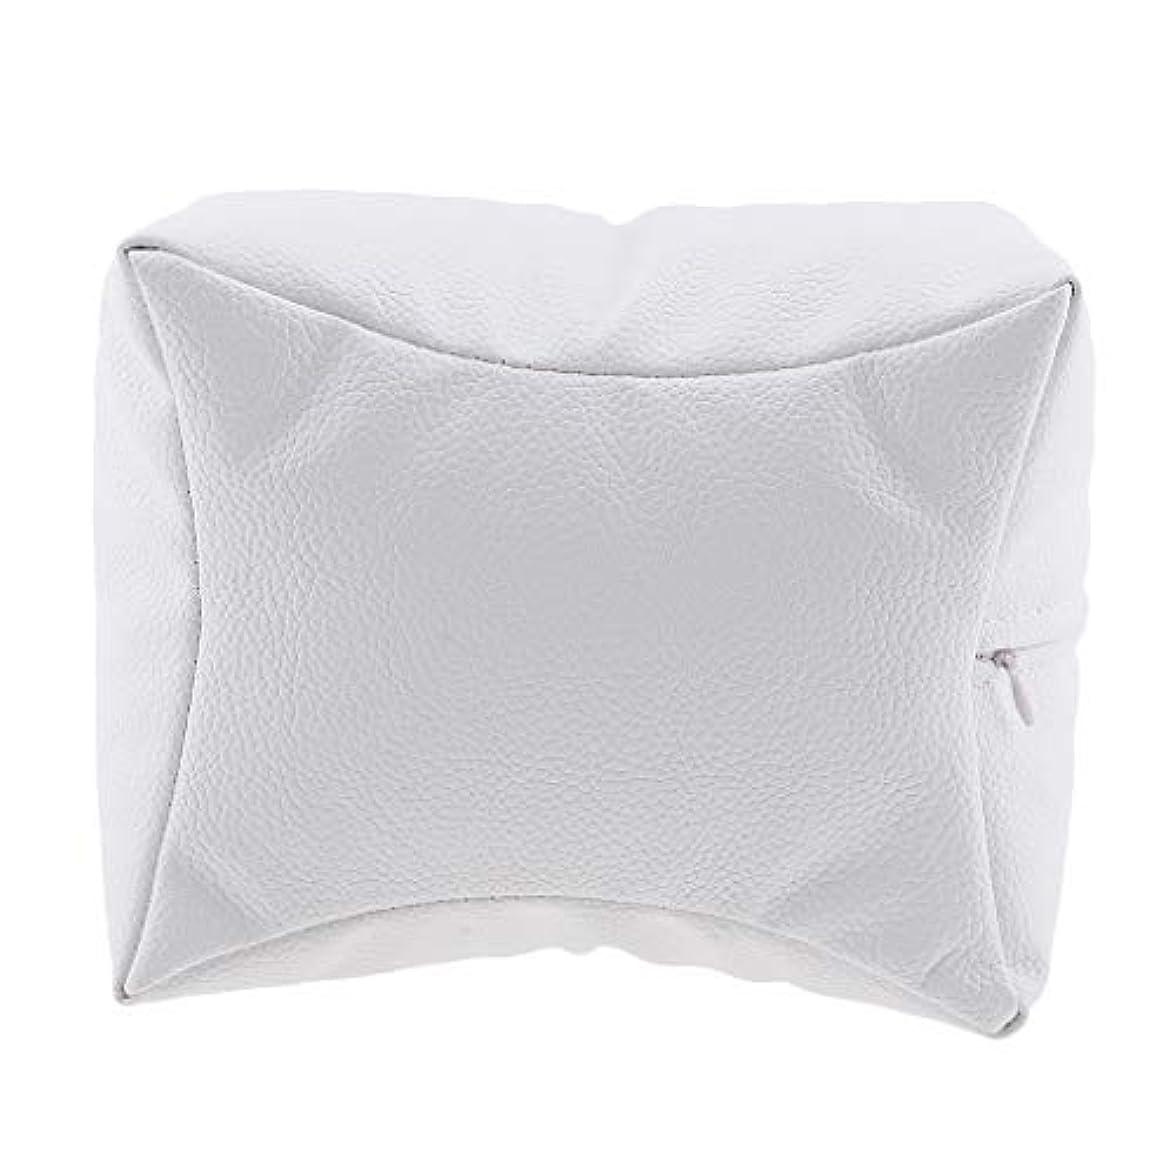 イベント溶岩選択するSharplace ネイルアート 手枕 ハンドピロー レストピロー ハンドクッション ネイルサロン 4色選べ - 白